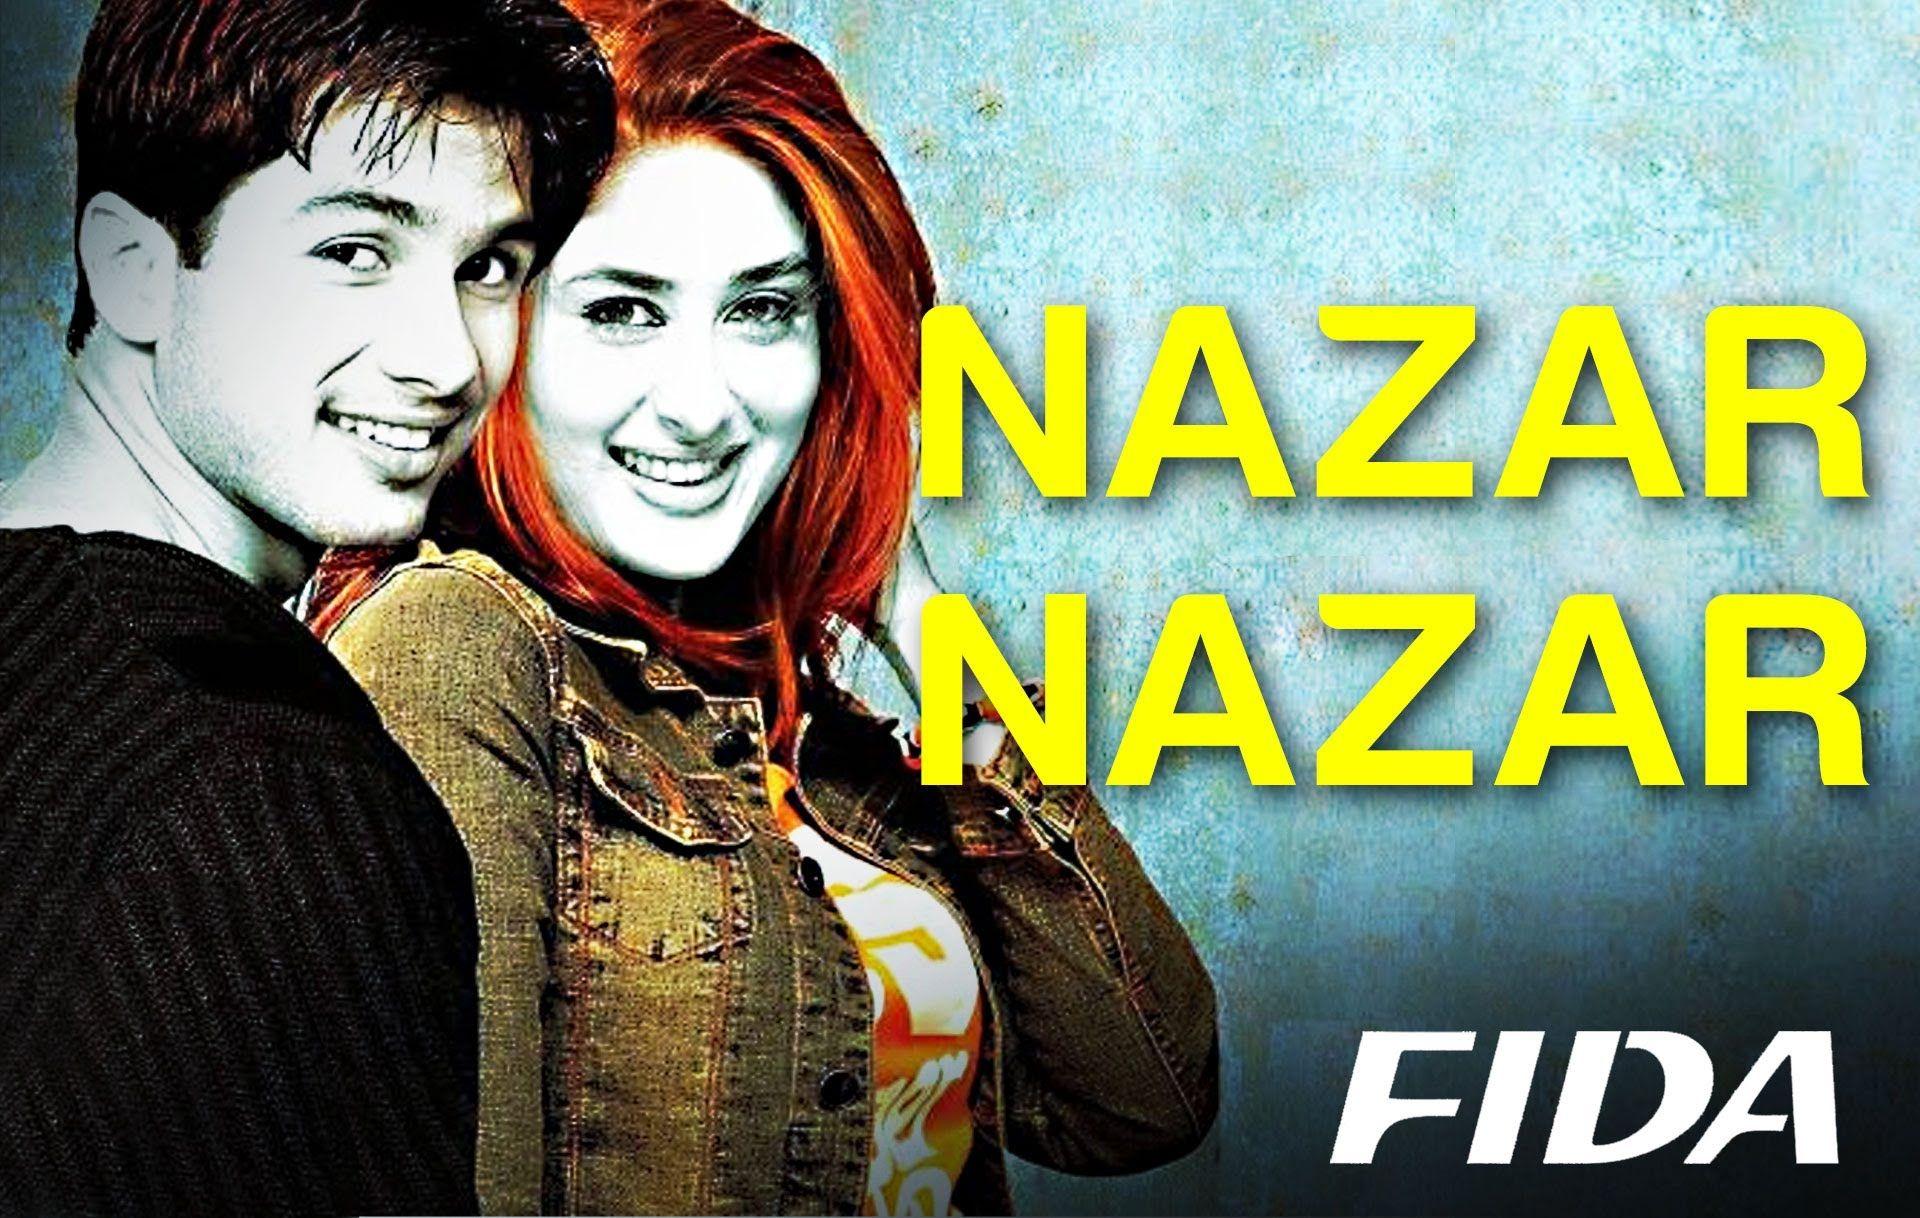 Nazar Nazar Fida Shahid Kapoor Kareena Kapoor Udit Narayan Sap Bollywood Music Videos Bollywood Music Hindi Movie Song